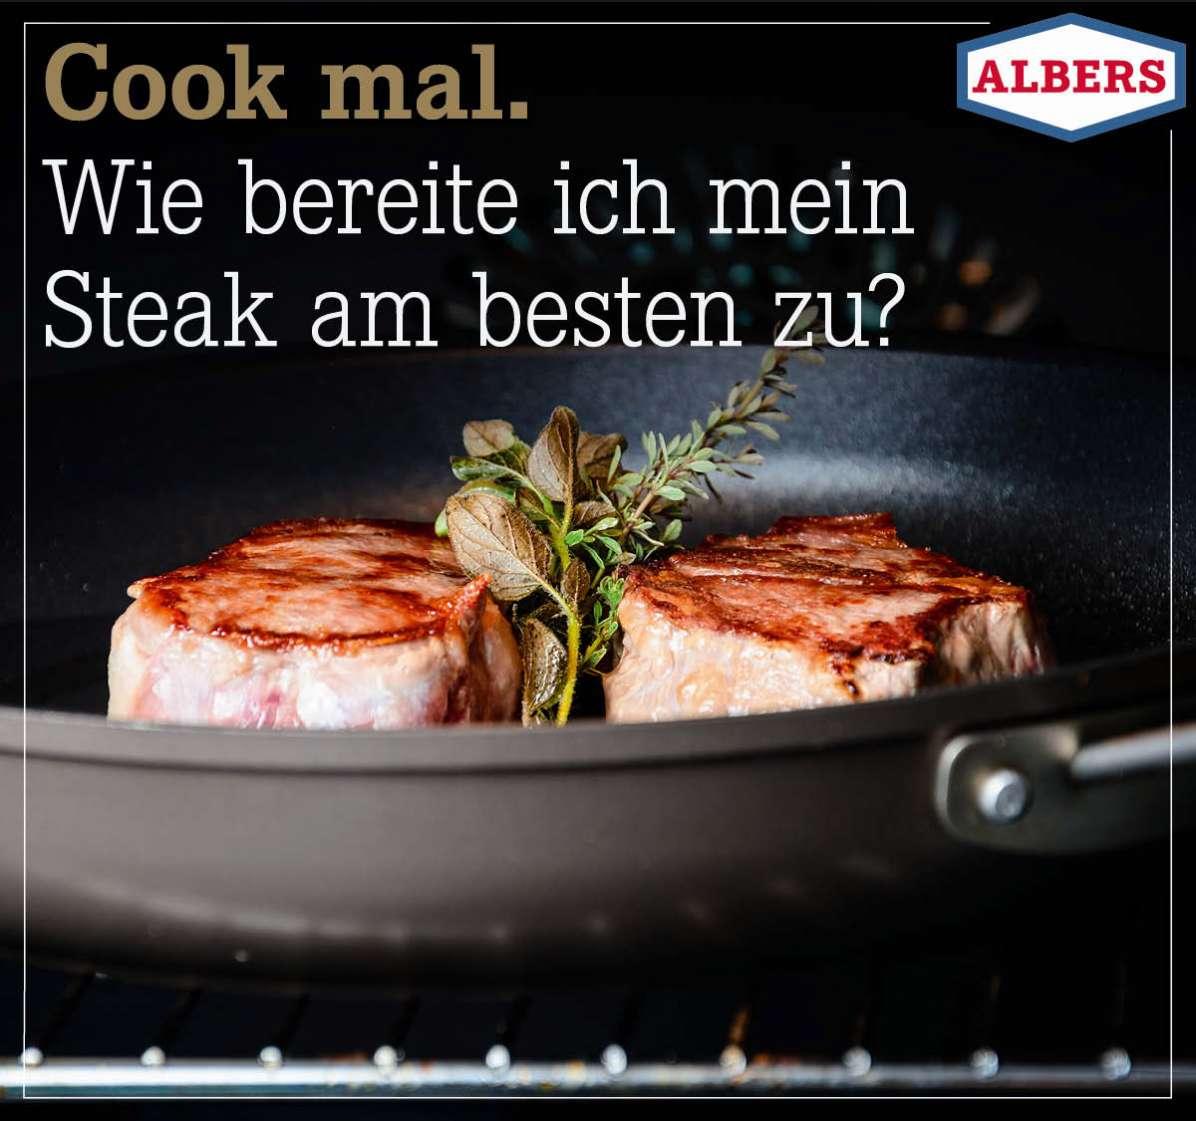 Cook mal. Wie bereite ich mein  Steak am besten zu?